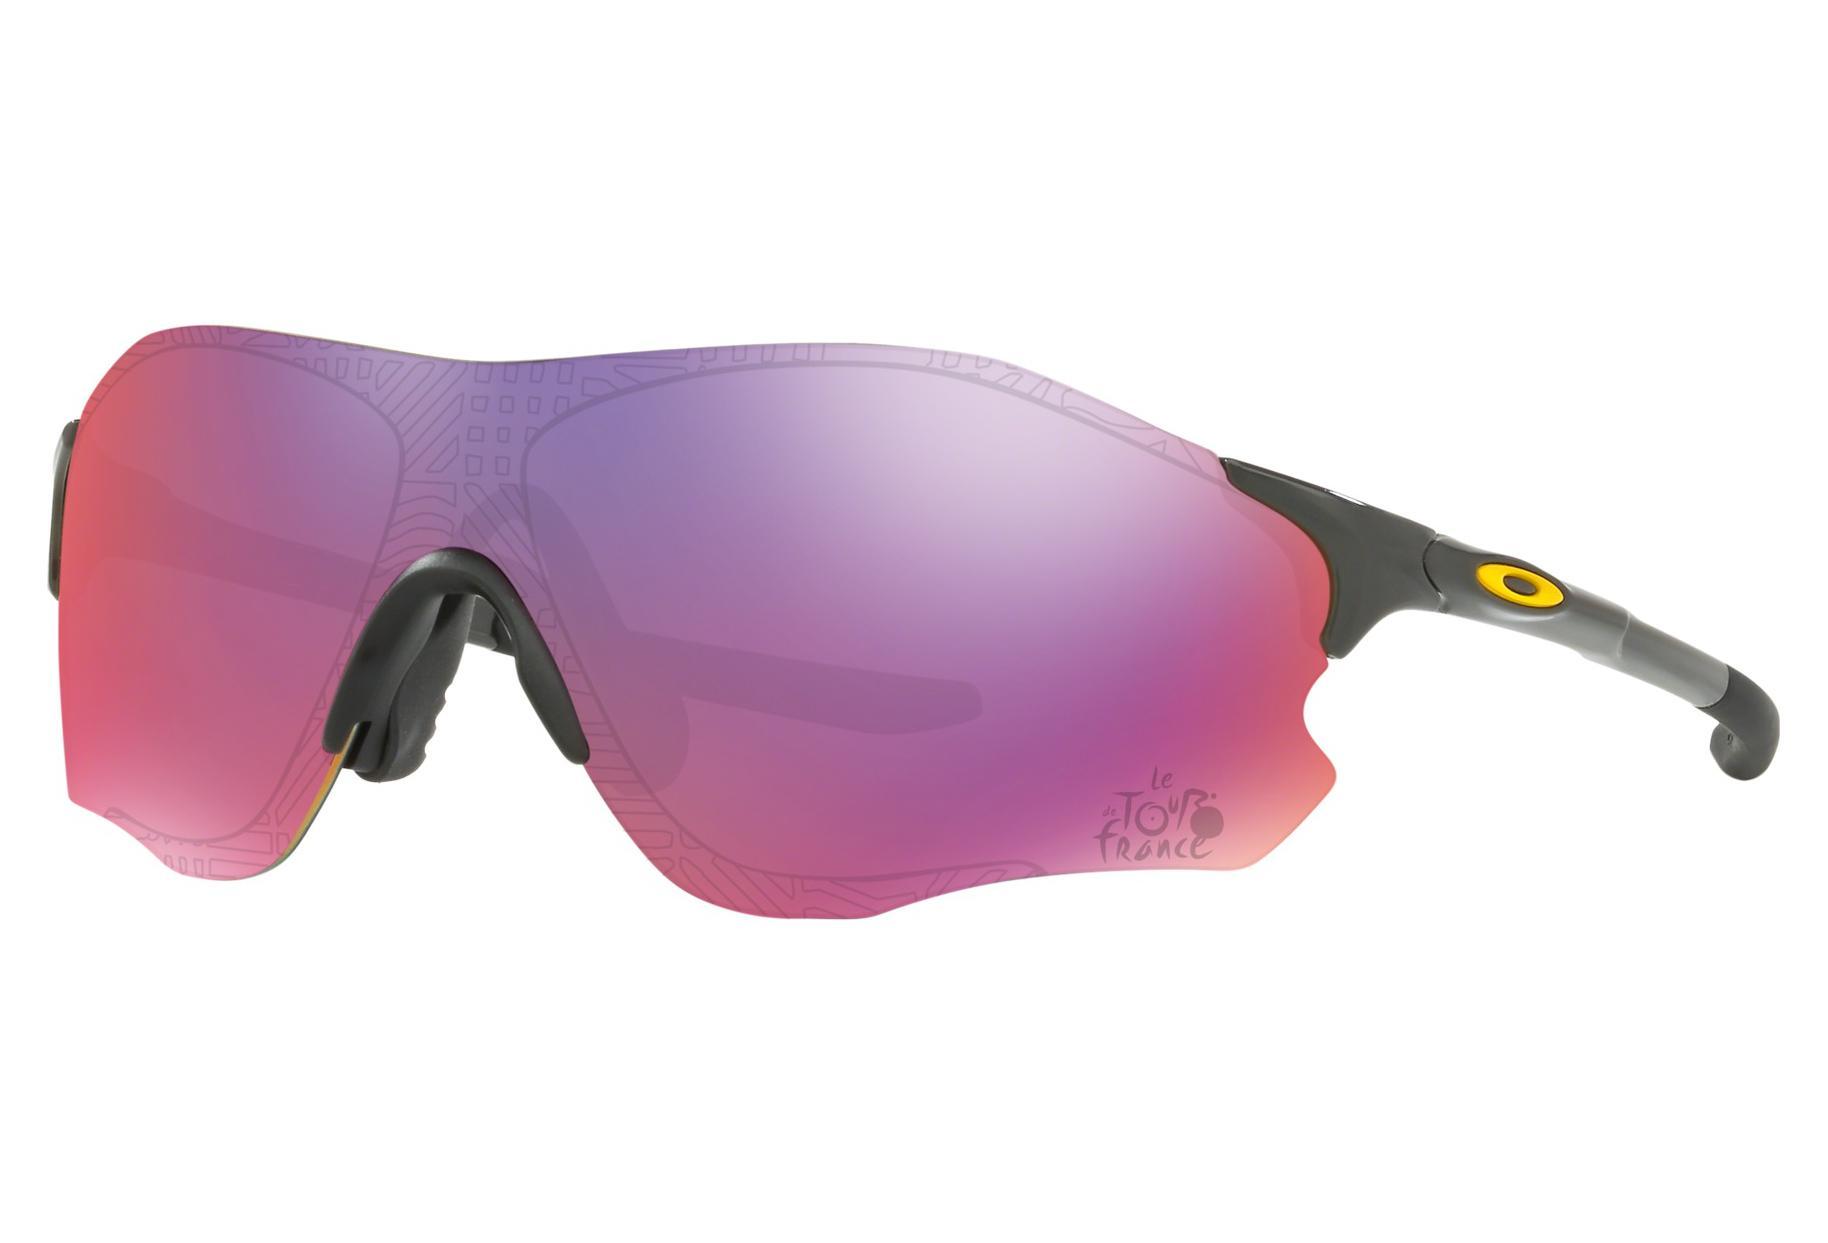 OAKLEY Sunglasses EVZERO PATH Tour de France 2018 - Prizm Road Ref  OO9308-2338 319a5b1e34